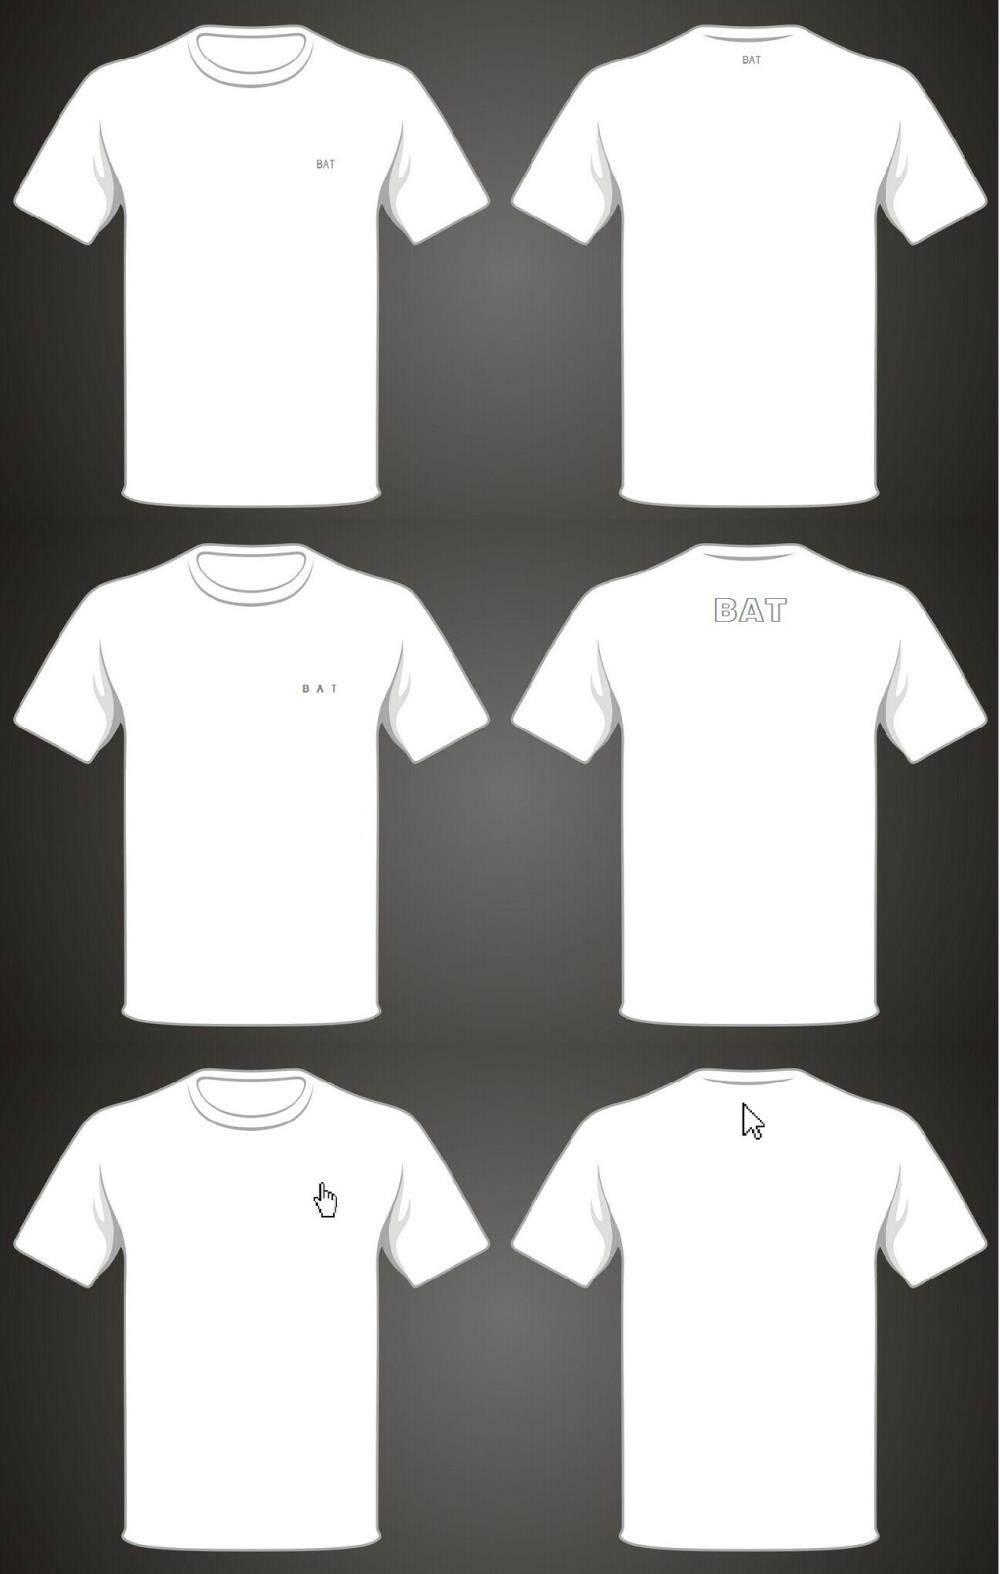 t恤 t恤 设计 矢量 矢量图 素材 衣服 1000_1574 竖版 竖屏